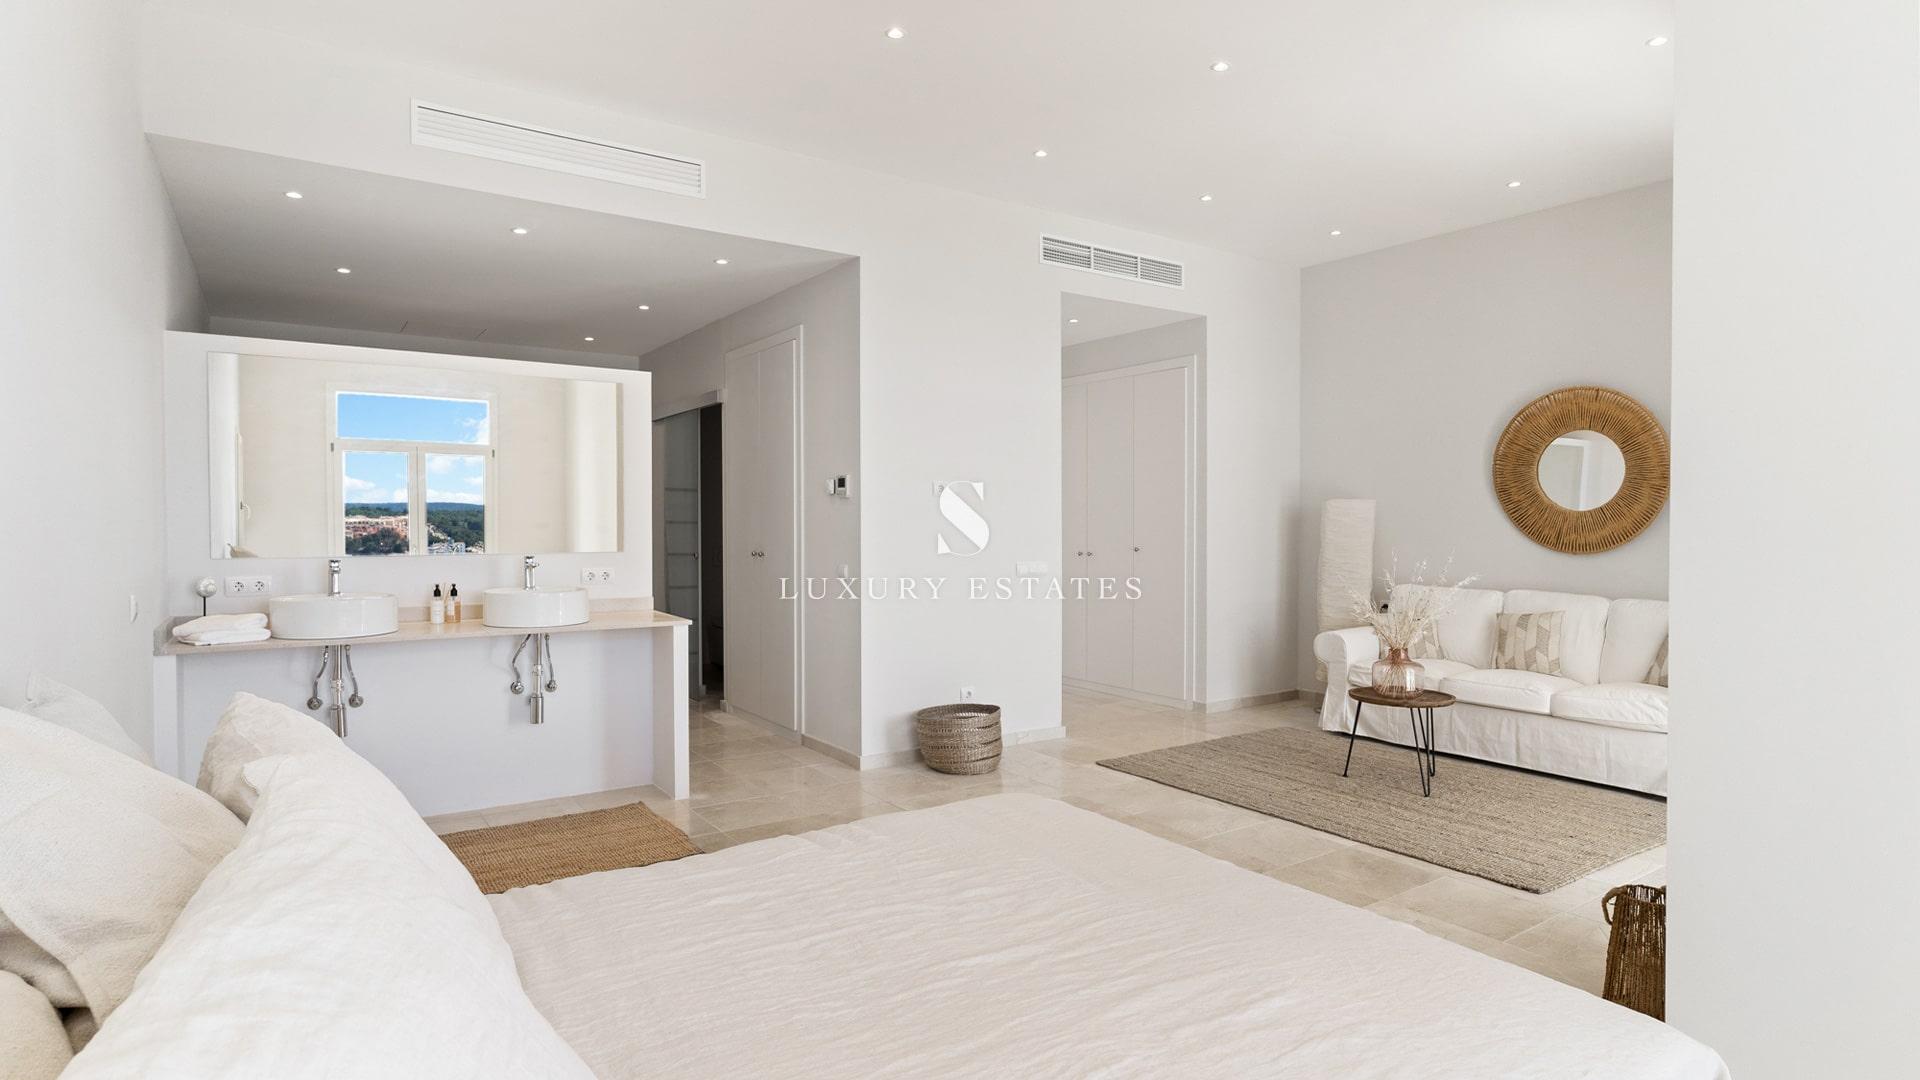 Villa Santa Ponca   S-Luxury Estates